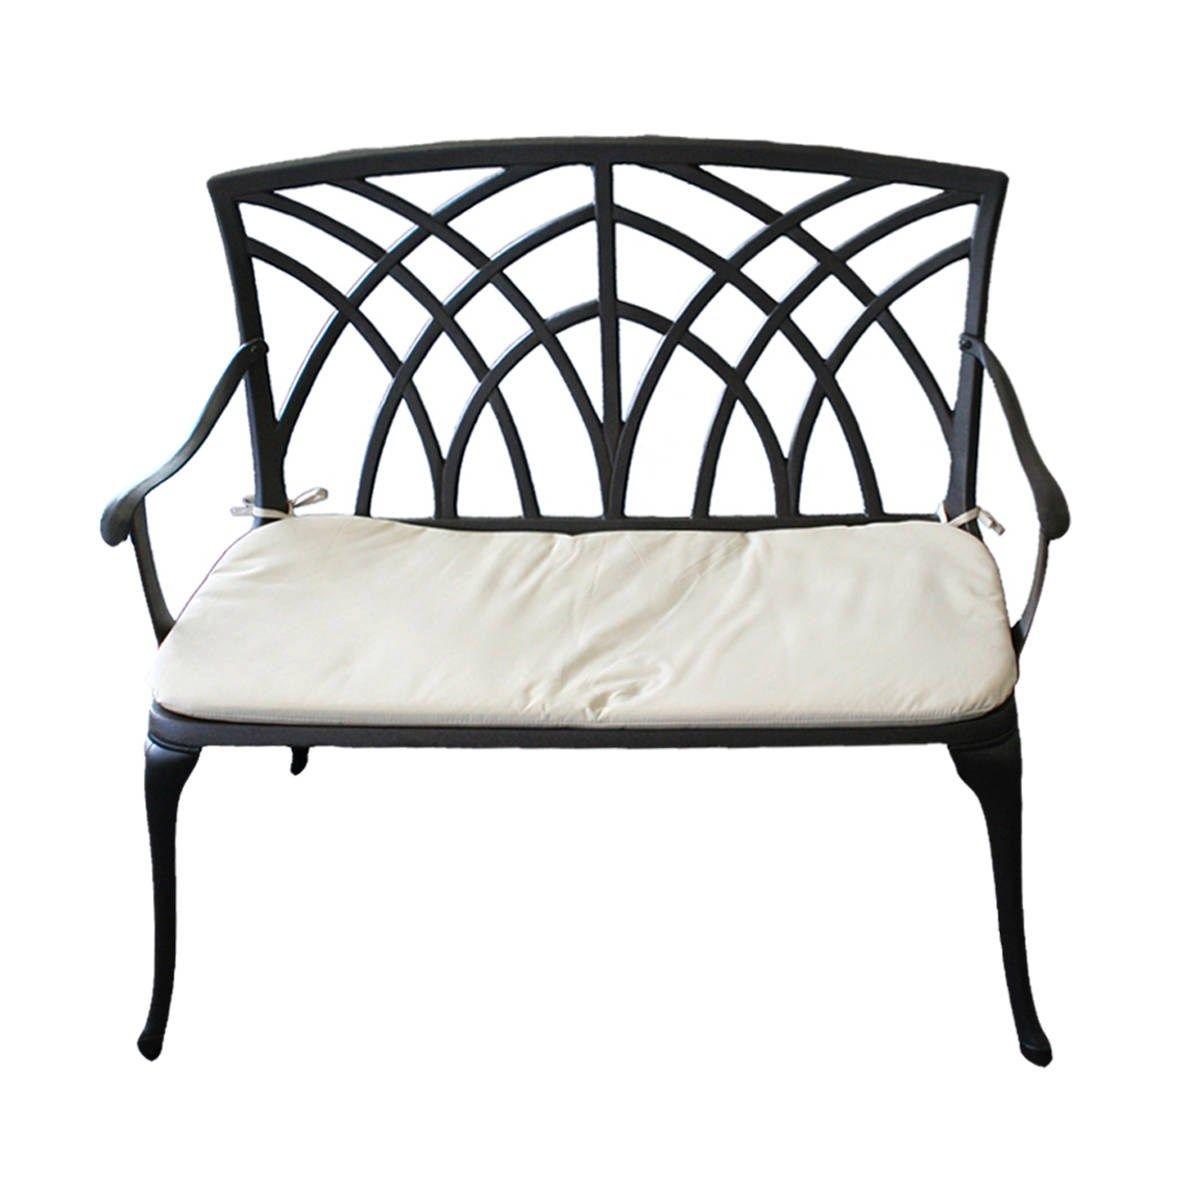 Cast Aluminium Garden Bench With Cushion Patio Bench Garden